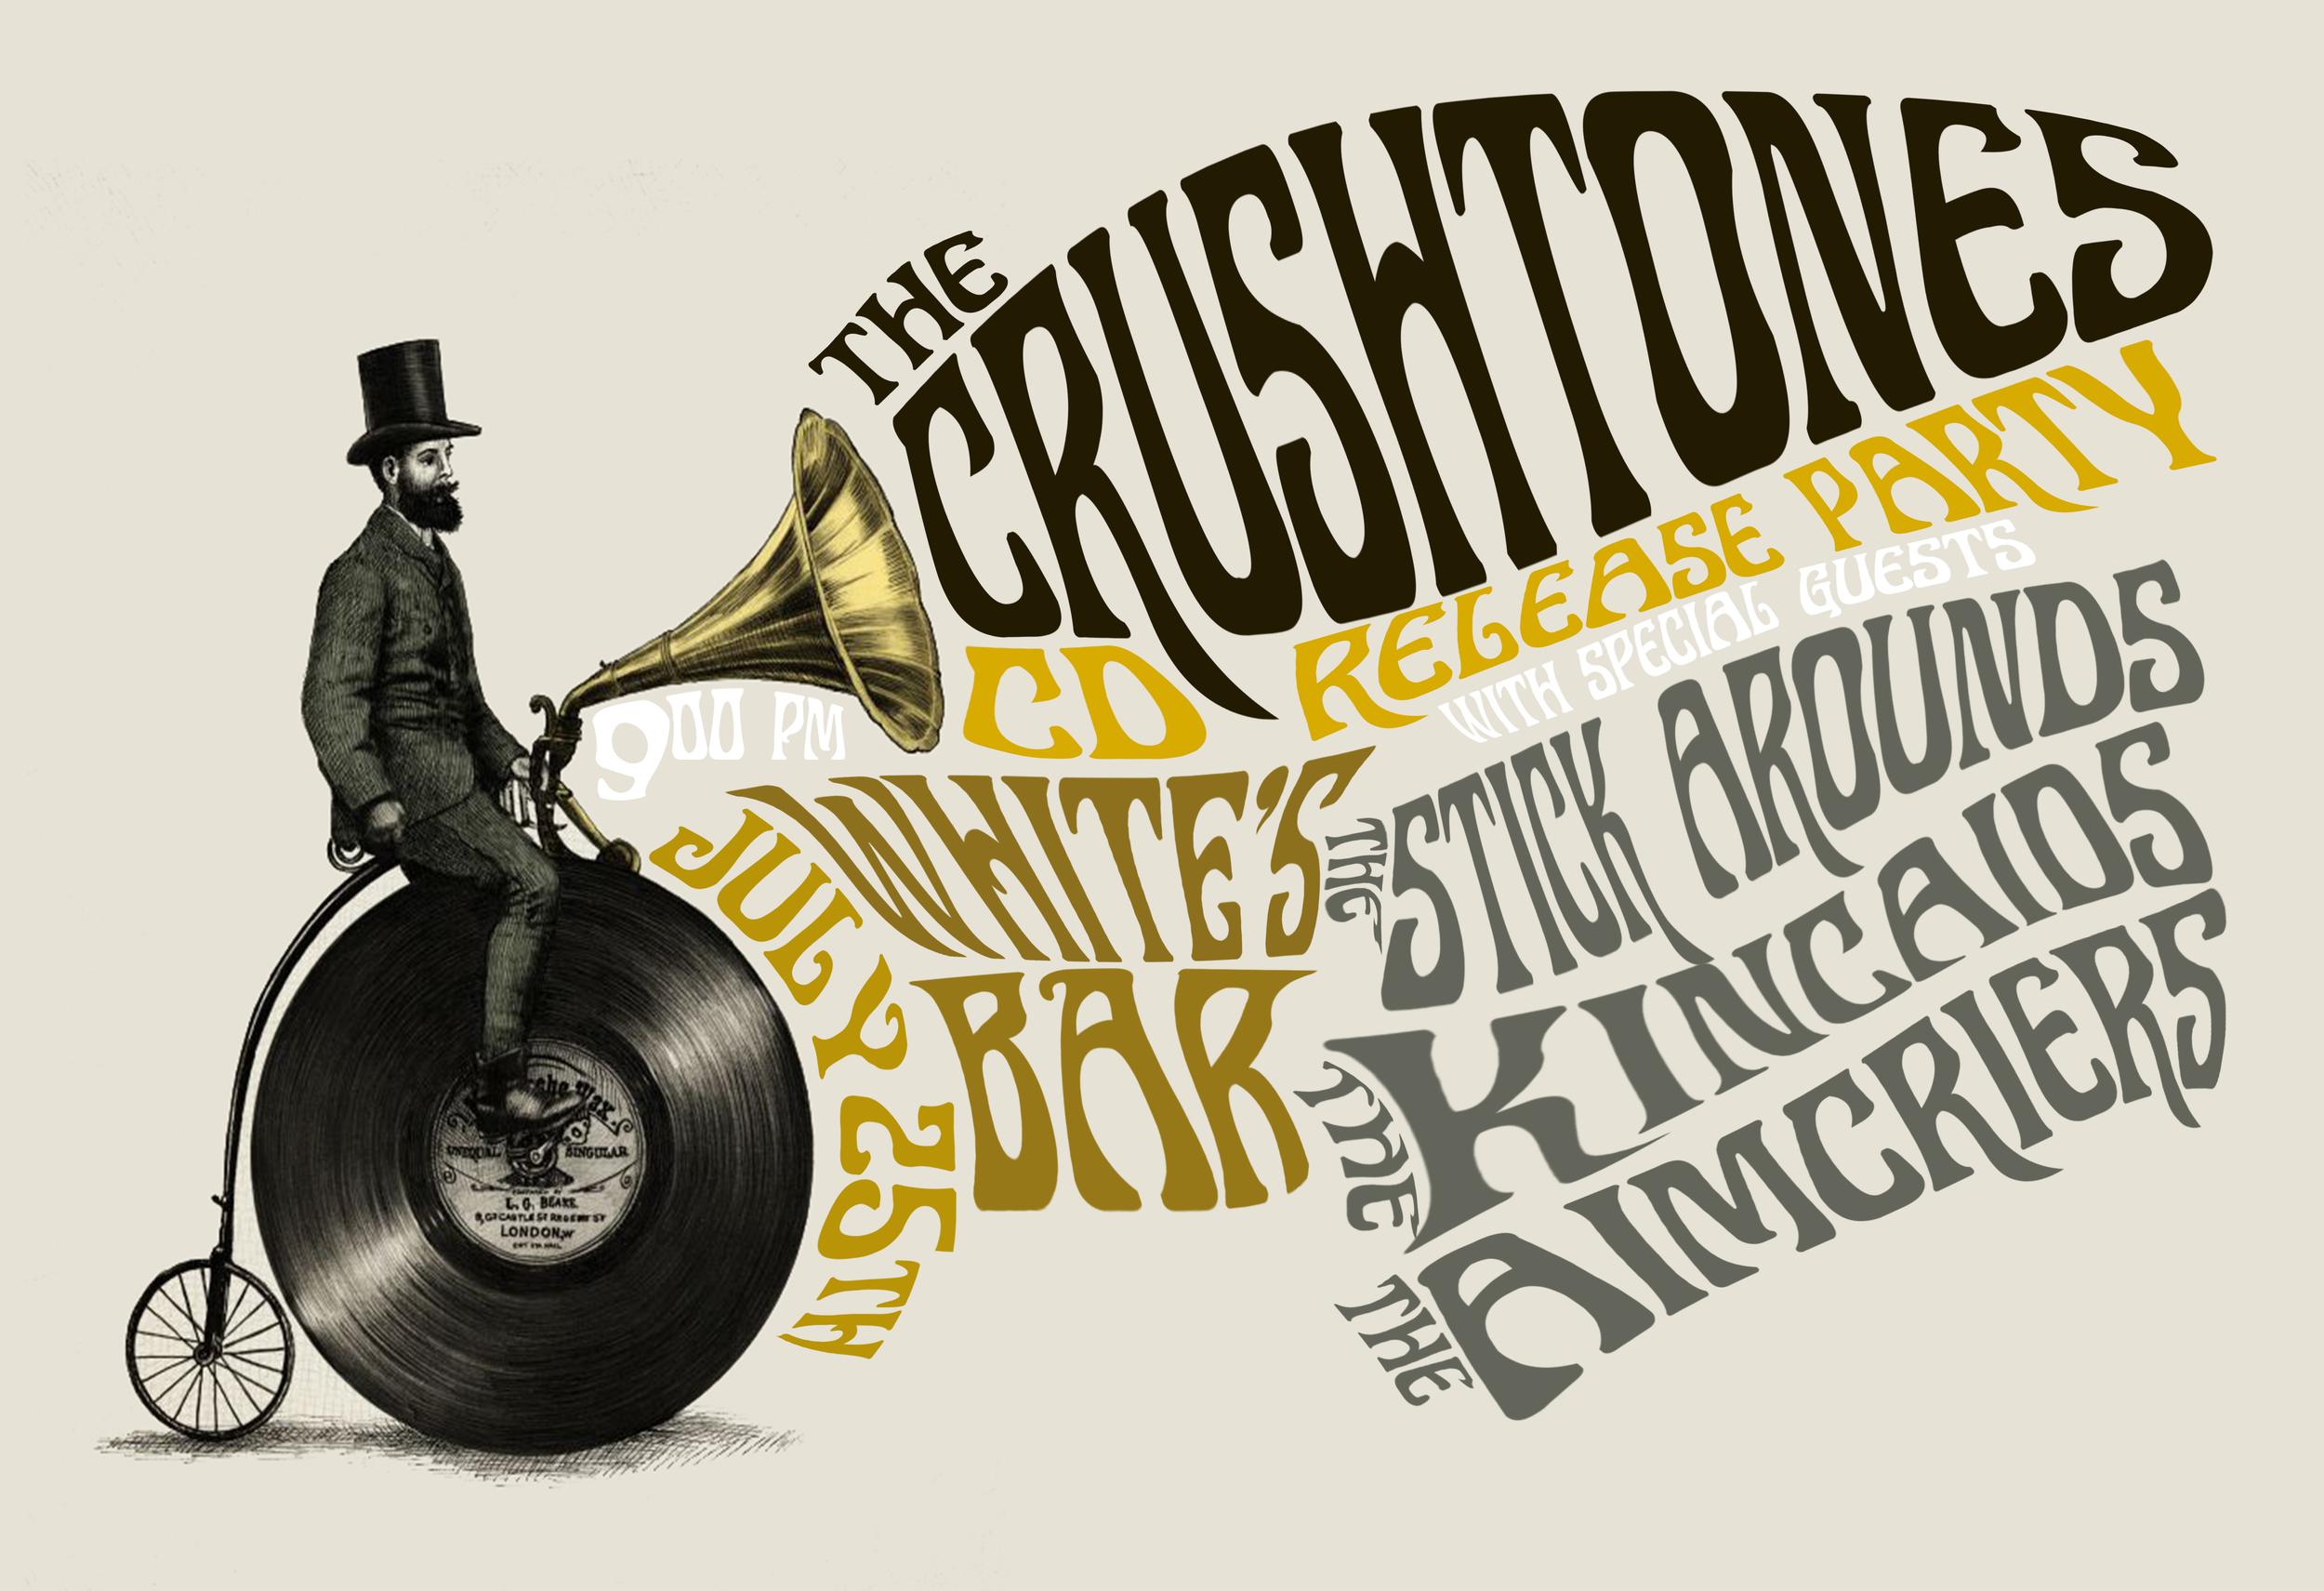 Crushtones CD Release Poster.jpg